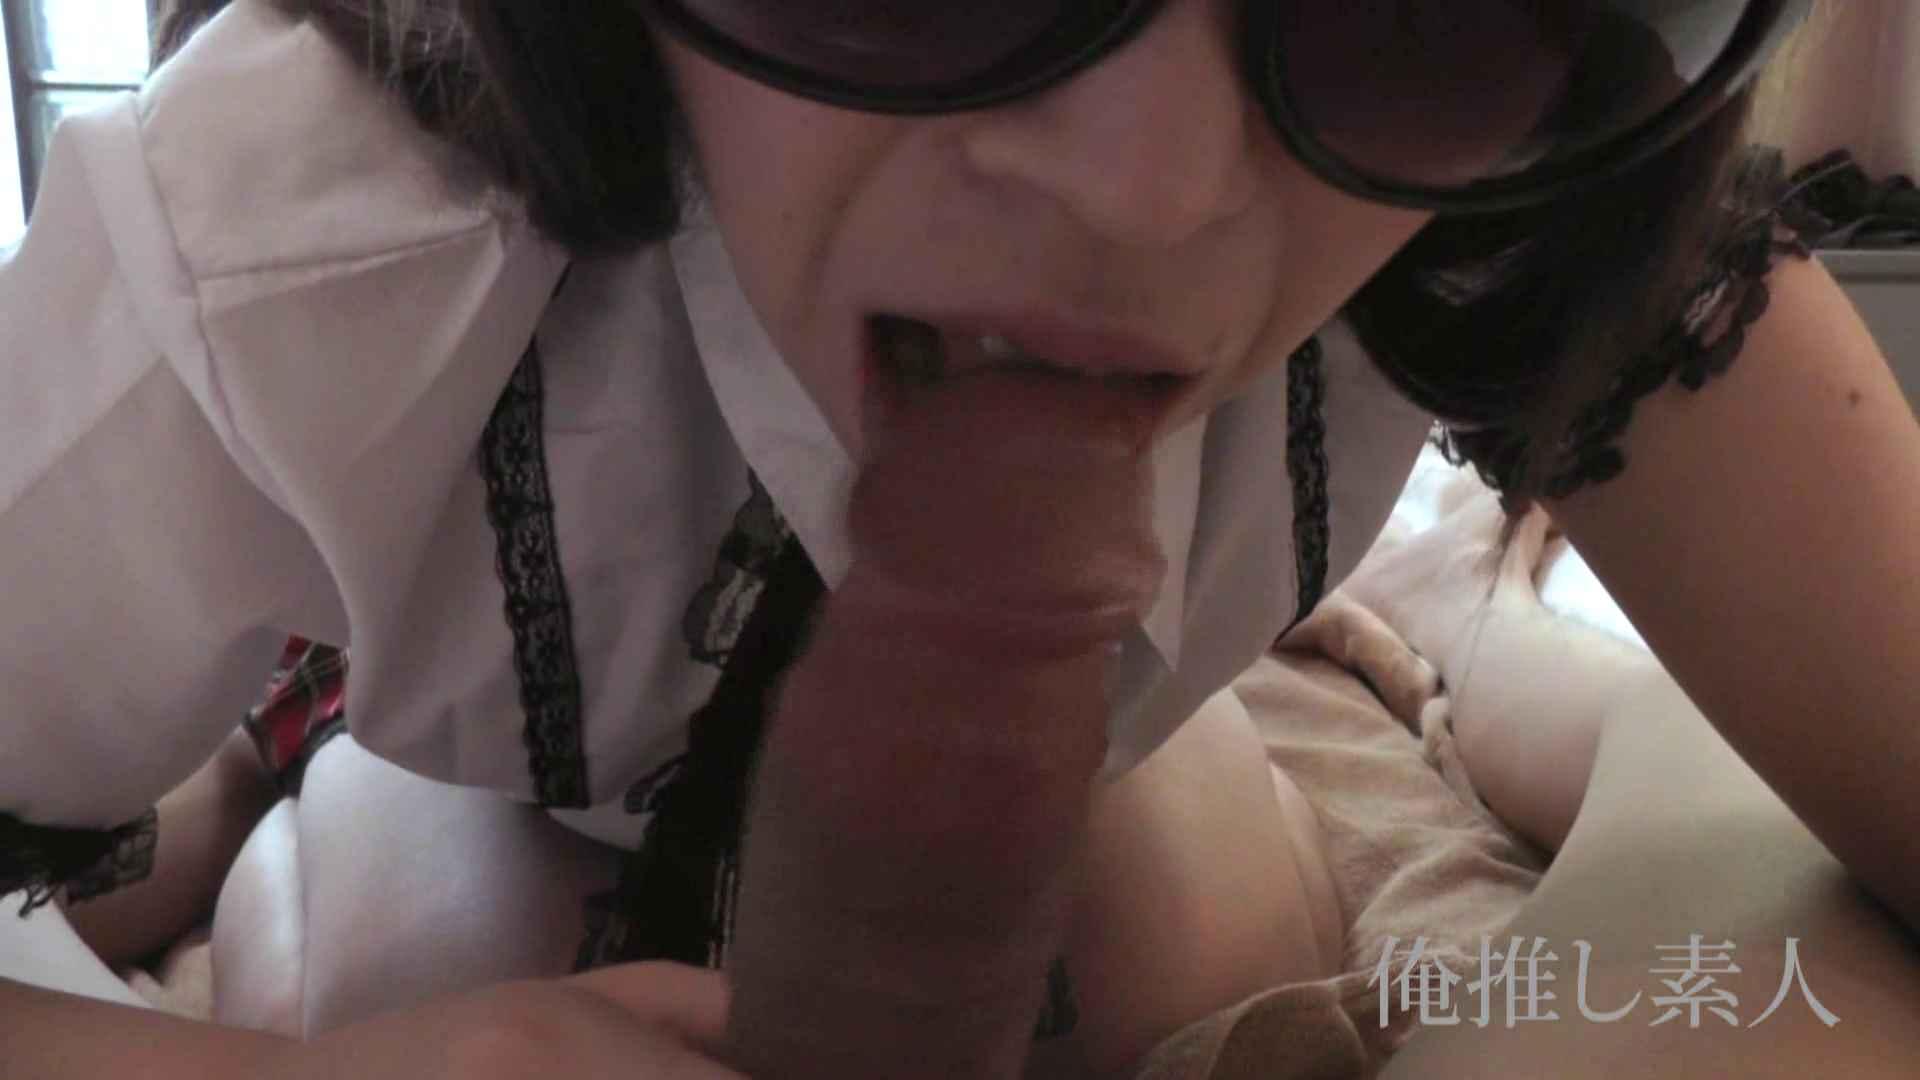 俺推し素人 EカップシングルマザーOL30歳瑤子vol3 OLの裸事情 オマンコ無修正動画無料 97枚 32